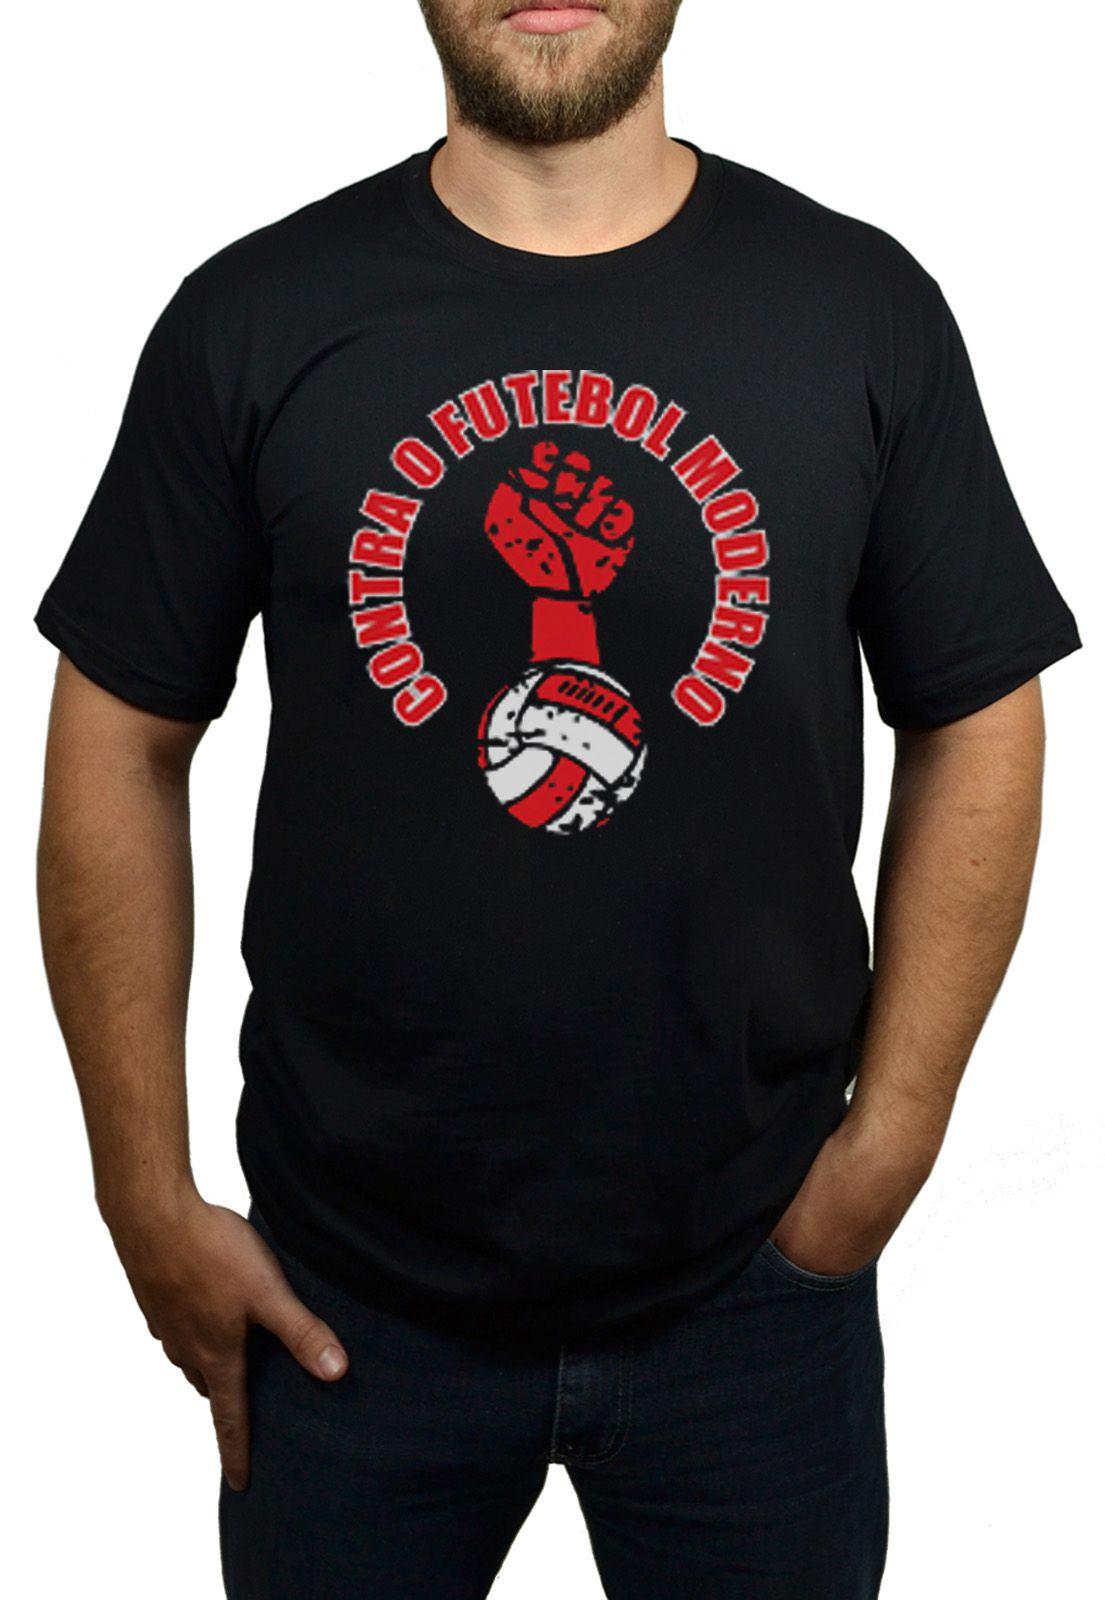 Camiseta Contra o Futebol Moderno - 125  - HShop